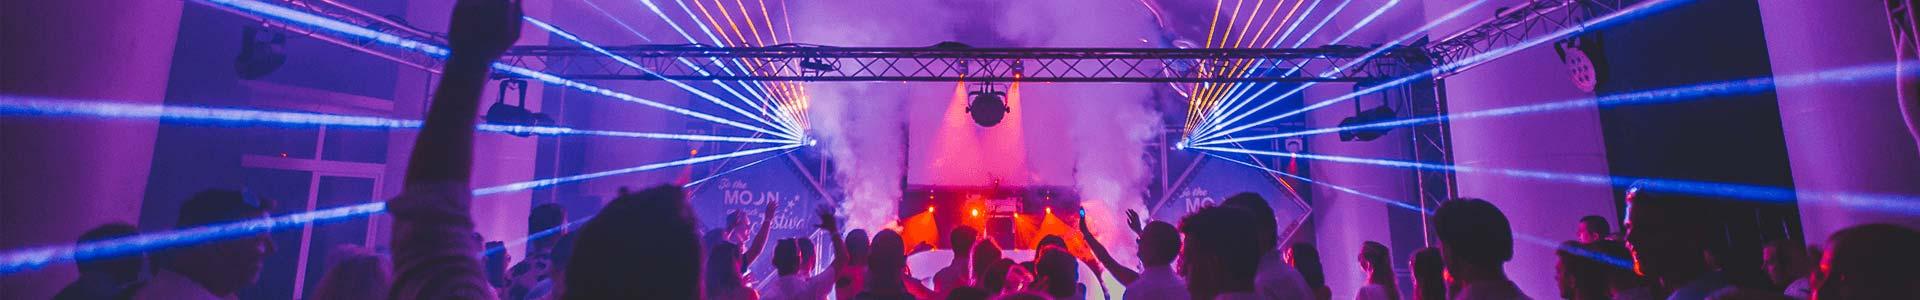 DJ-Feest DJ-Bruiloft DJ-Themafeesten-overijssel-Dj voor jou